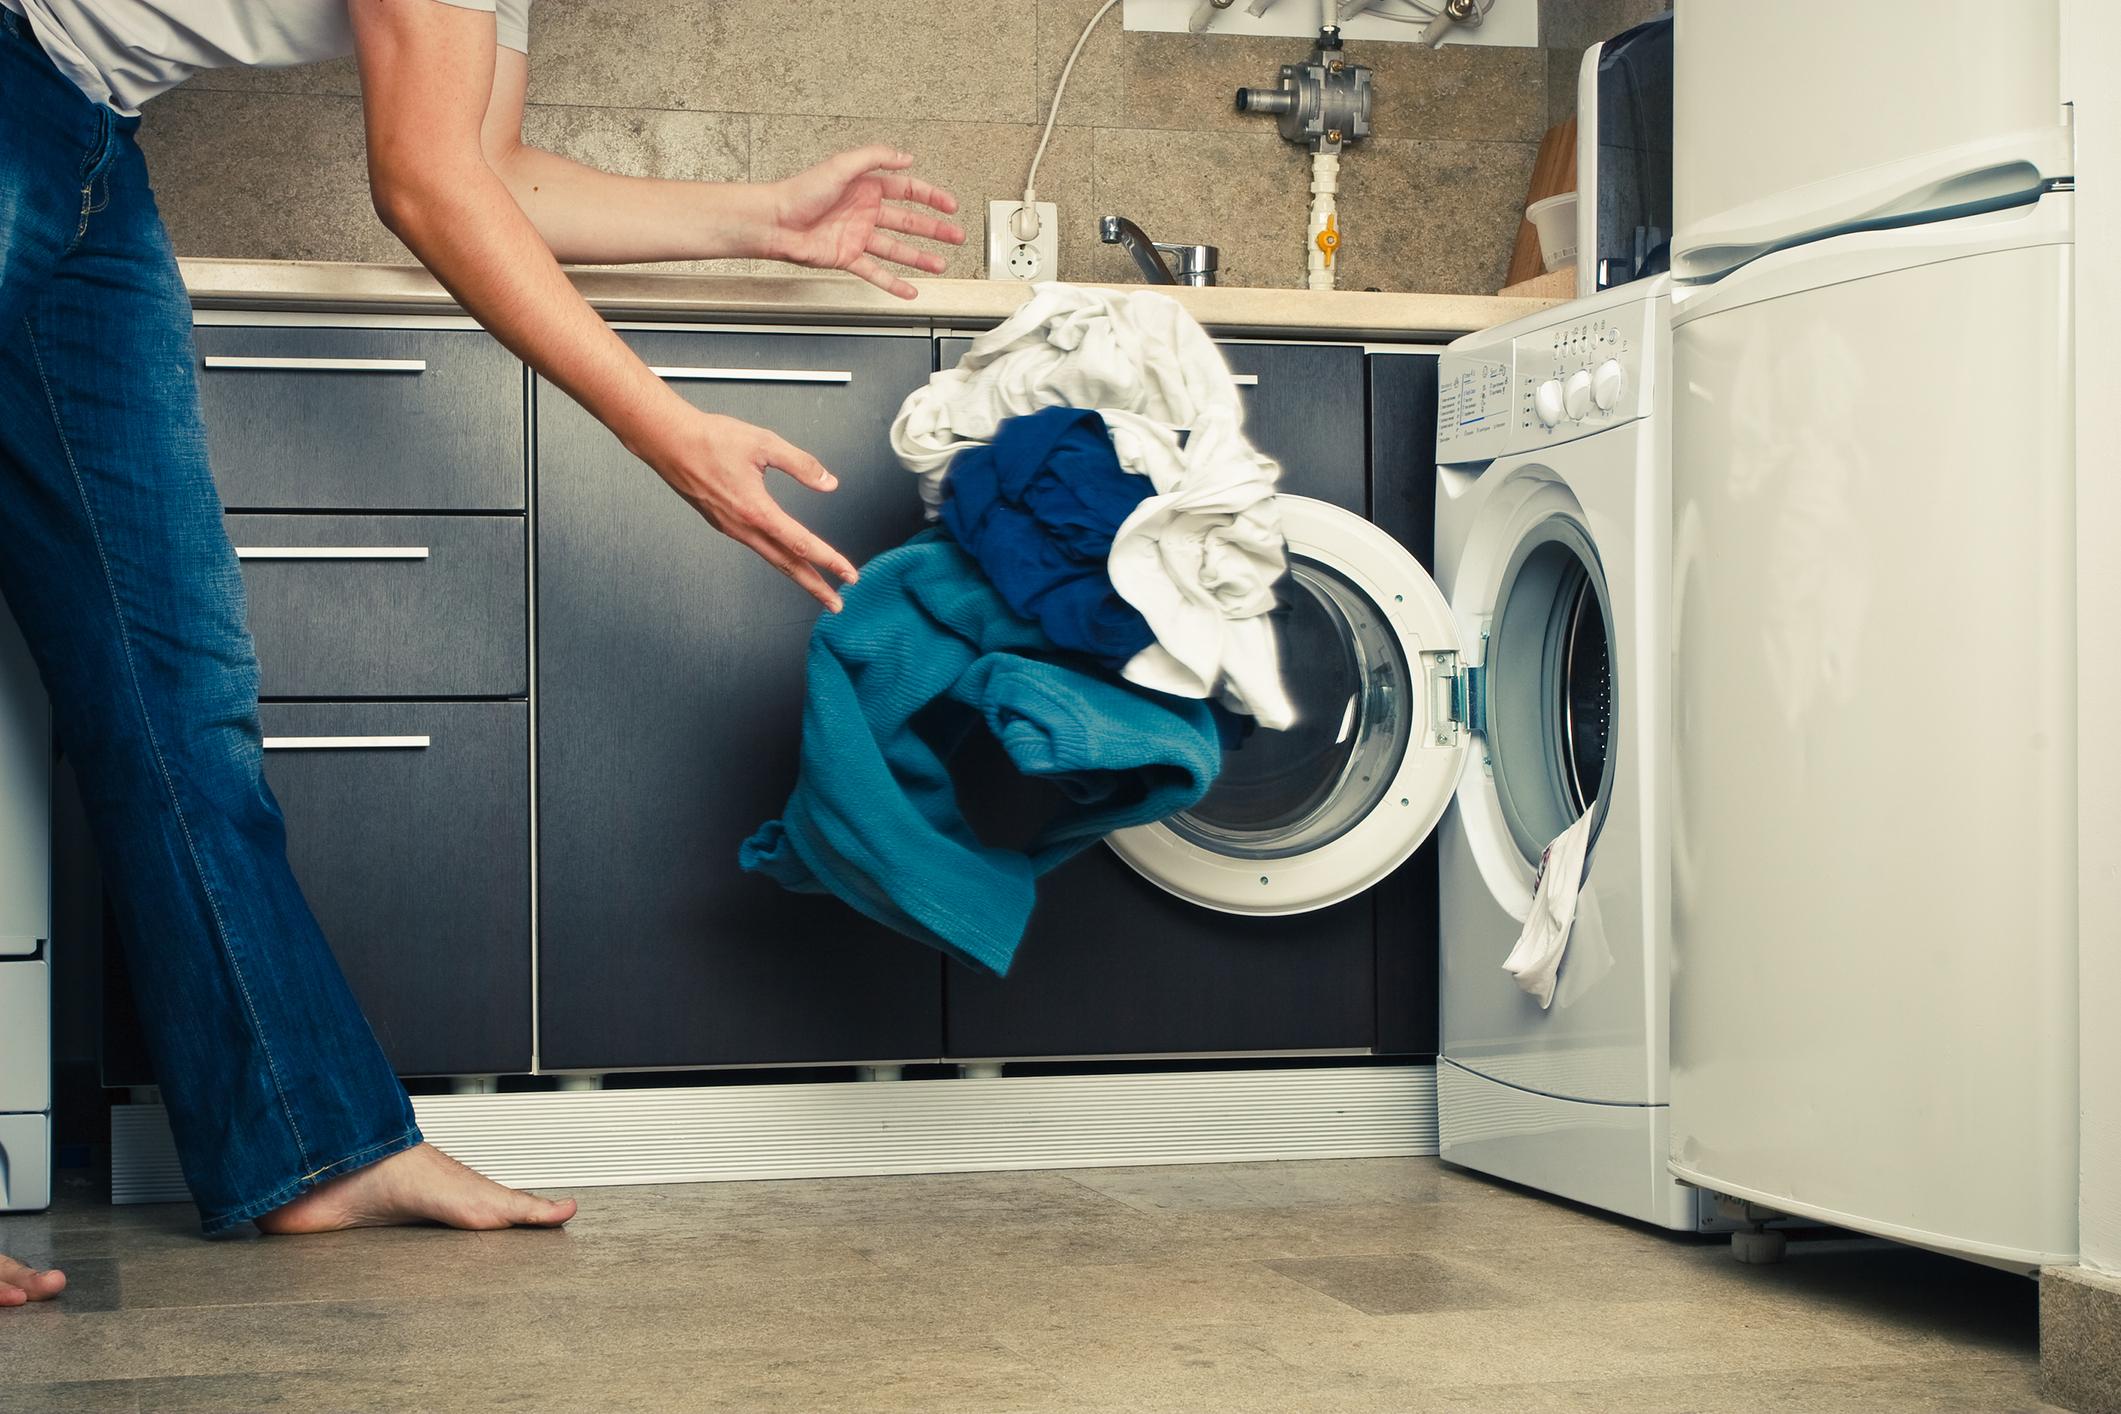 Что сделать чтобы белье было мягкое?: malyshi 314